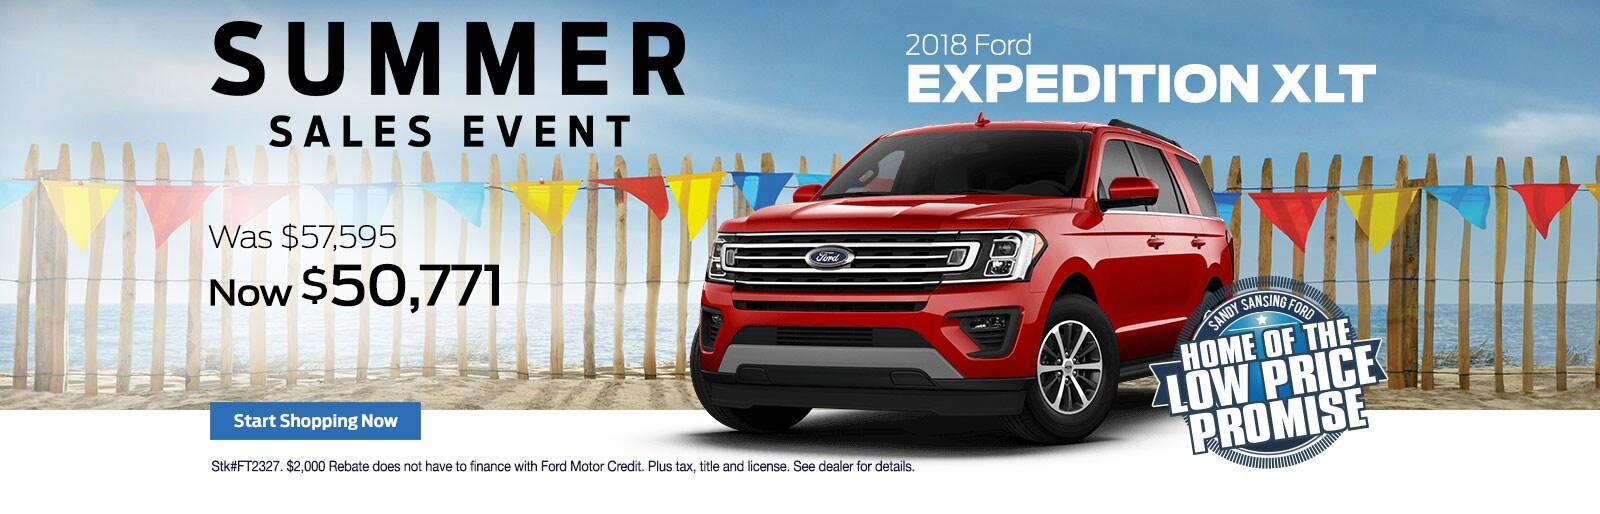 Car Dealerships In Daphne Al >> Sandy Sansing Ford Lincoln | New Ford, Lincoln dealership in Daphne, AL 36526